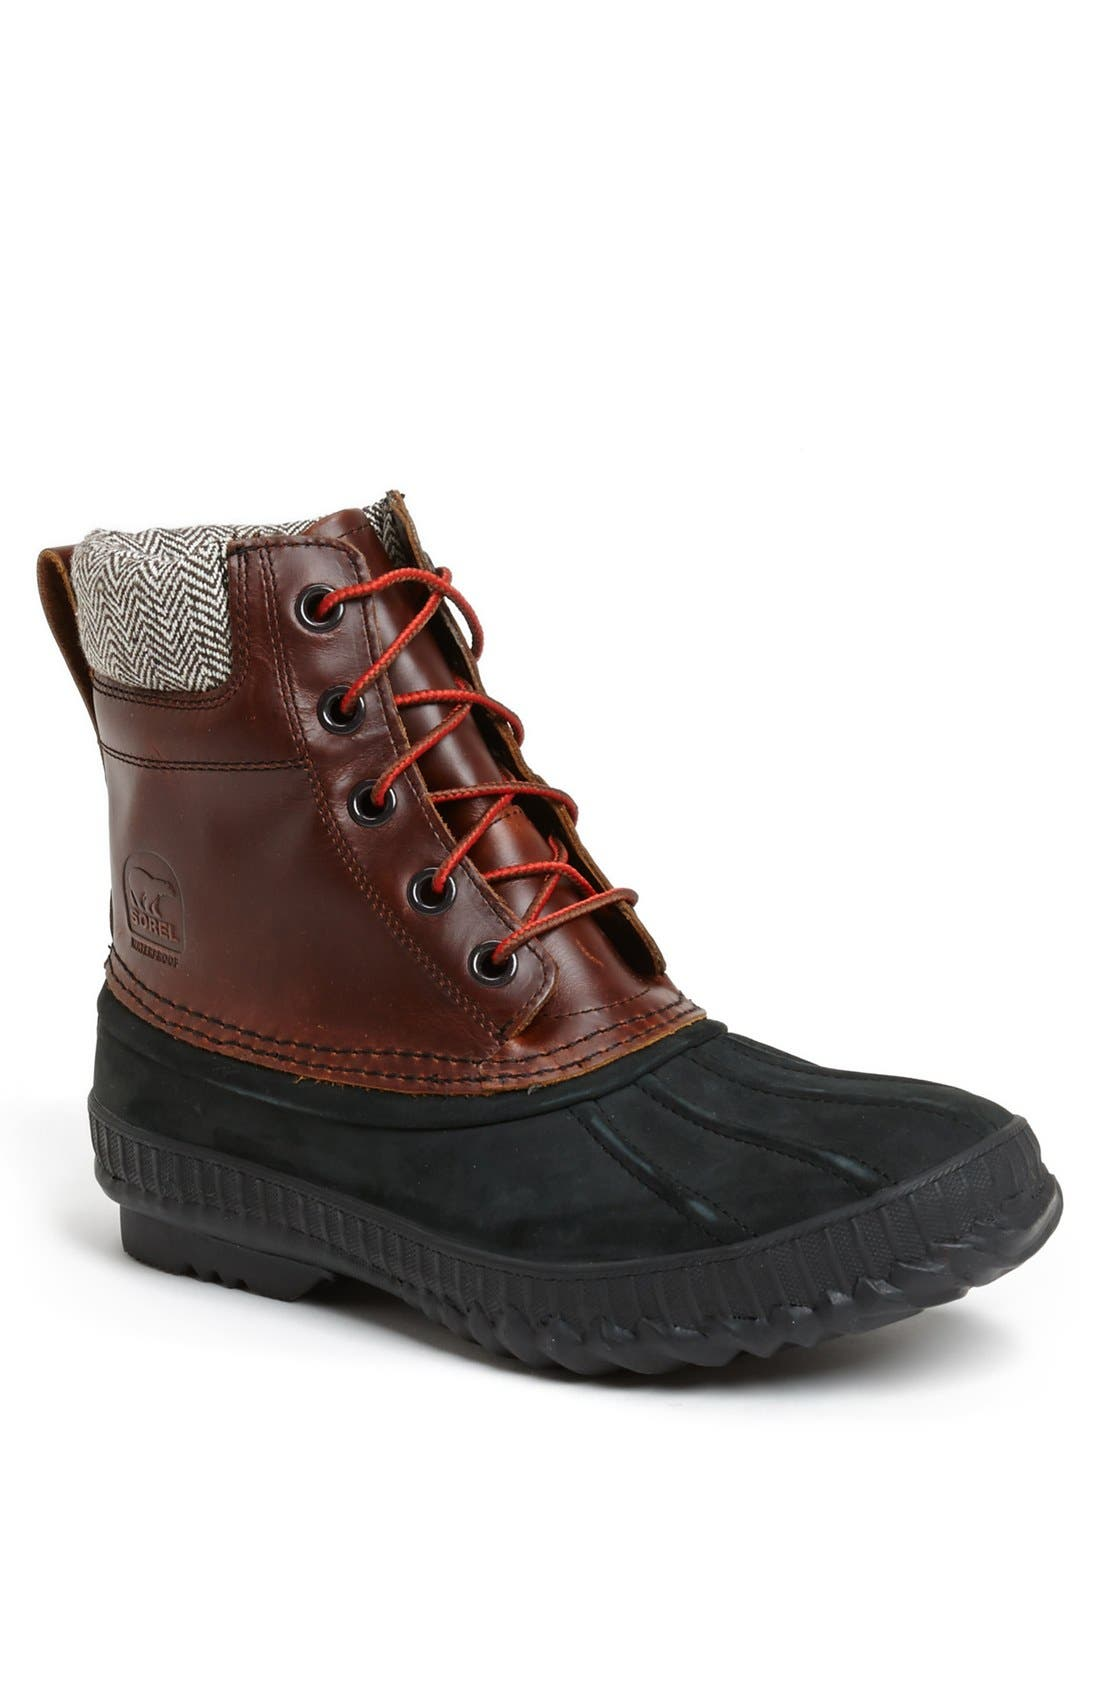 Alternate Image 1 Selected - SOREL 'Cheyanne Reserve' Waterproof Snow Boot